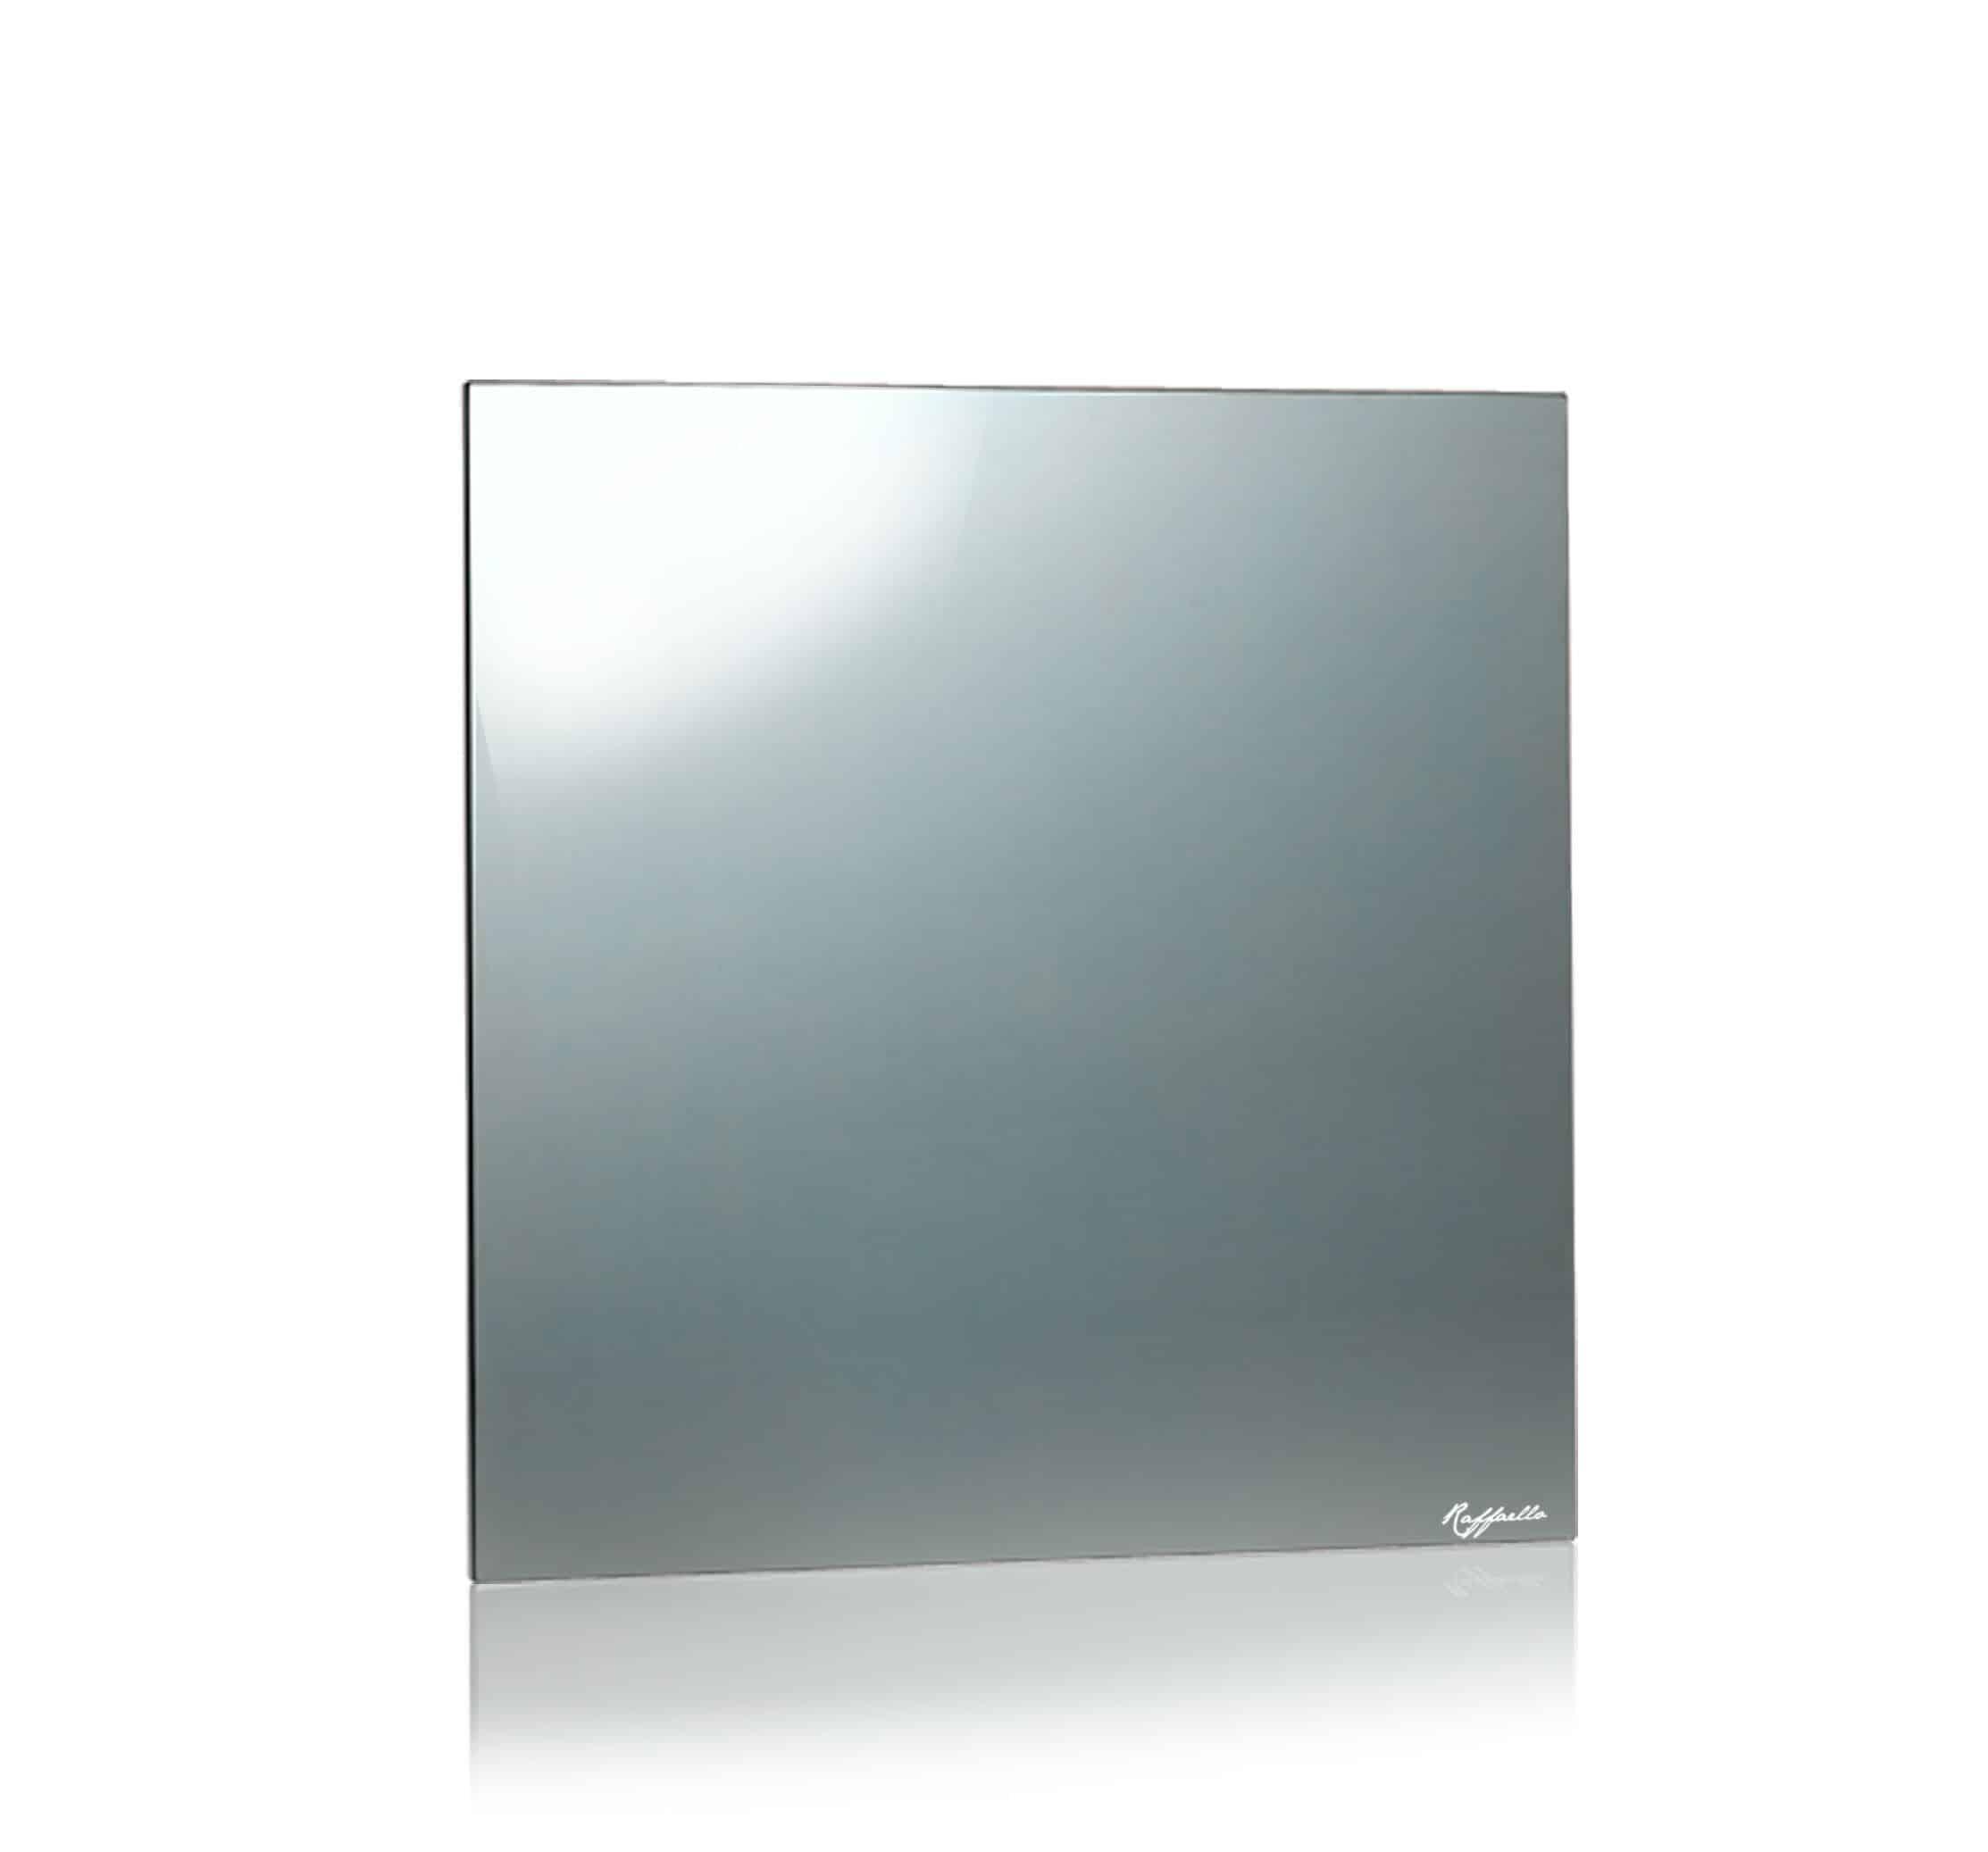 Pannello Infrarossi Specchio 400watt Raffaello 60x60